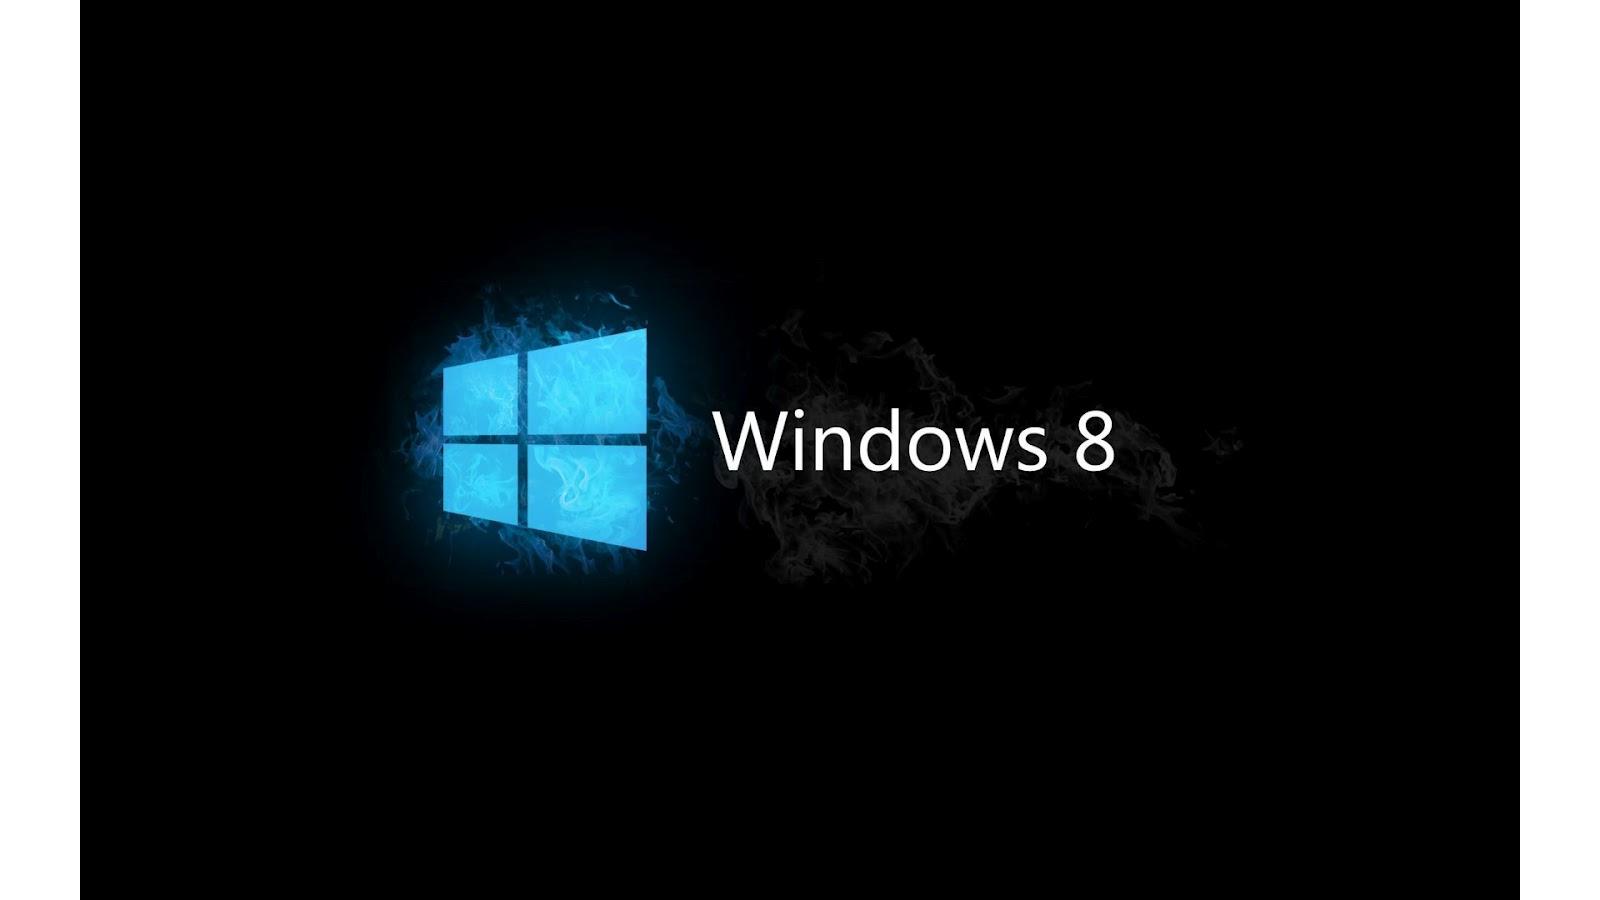 ngdjwsuwc: Windows 8 Hd 1080p Wallpapers Part 2